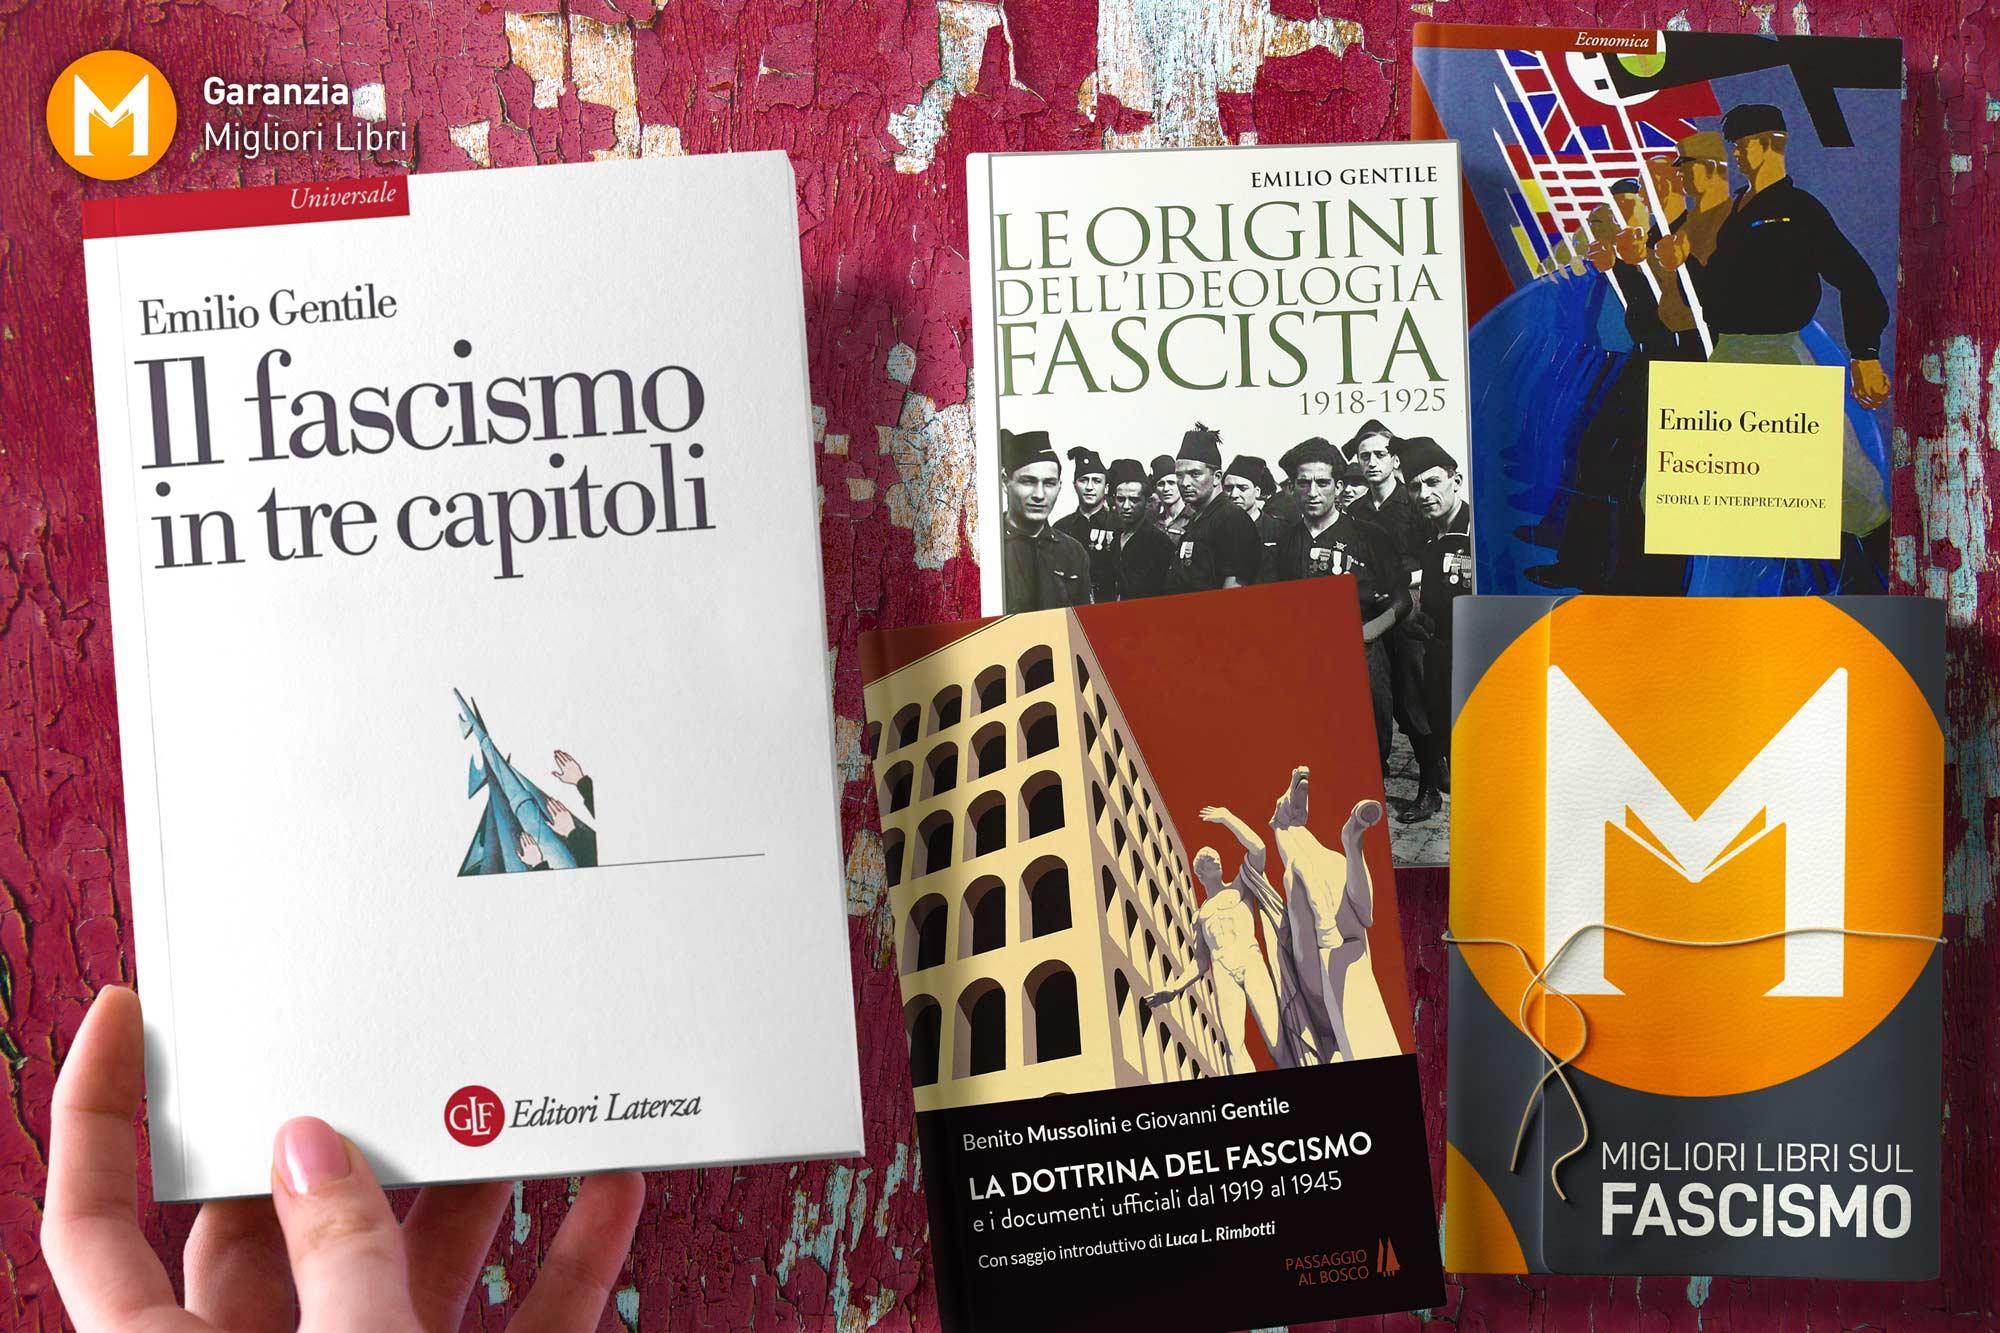 migliori-libri-sul-fascismo